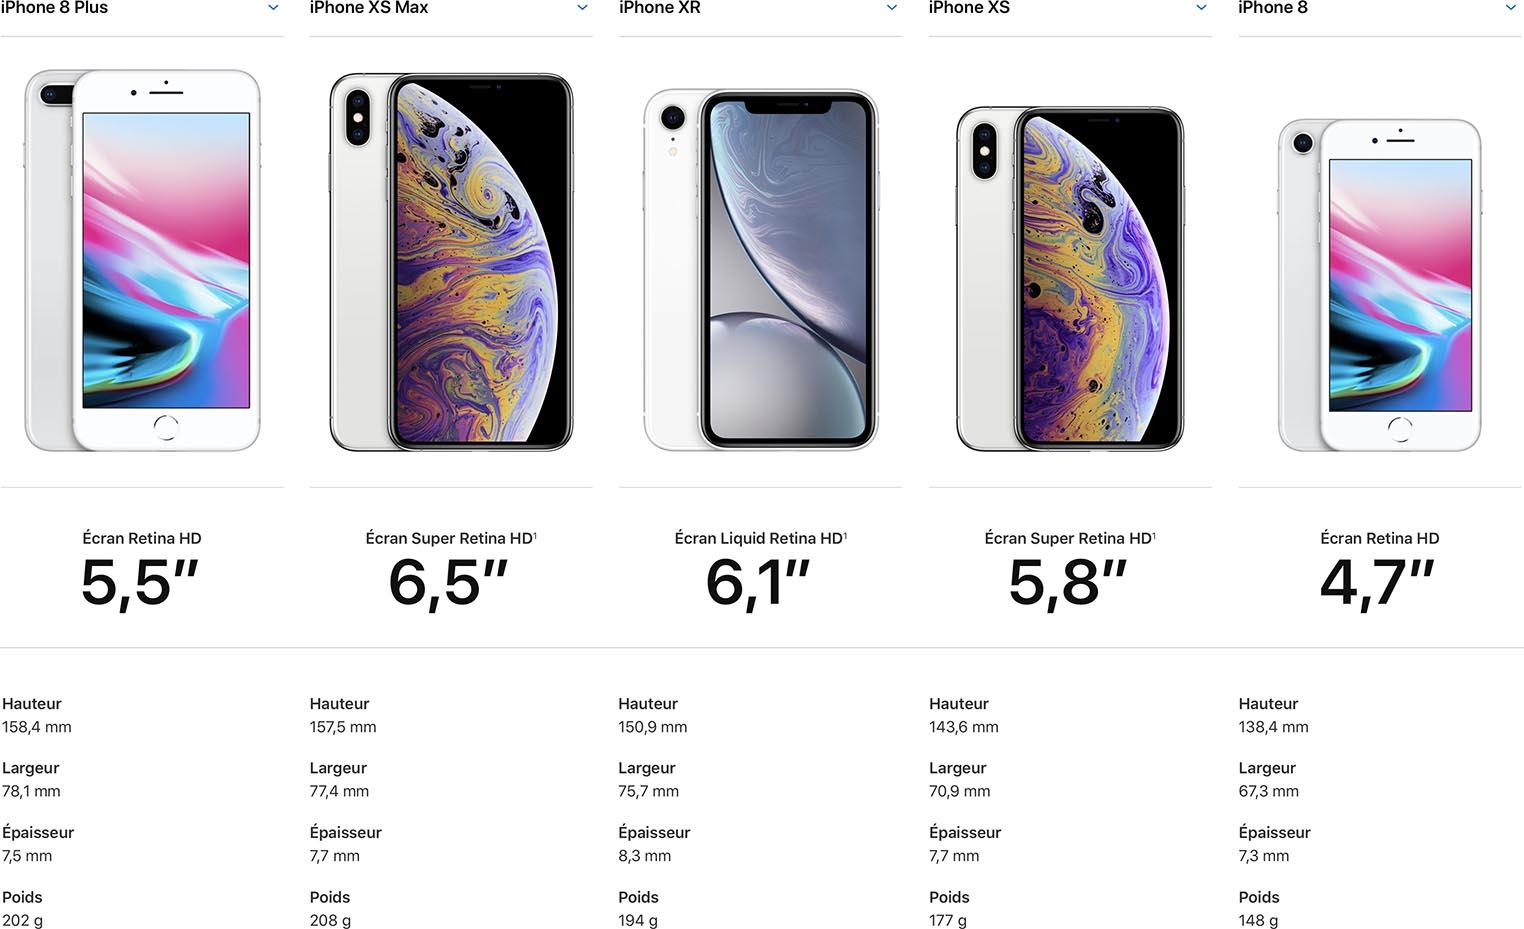 consomac quelle taille d iphone xs